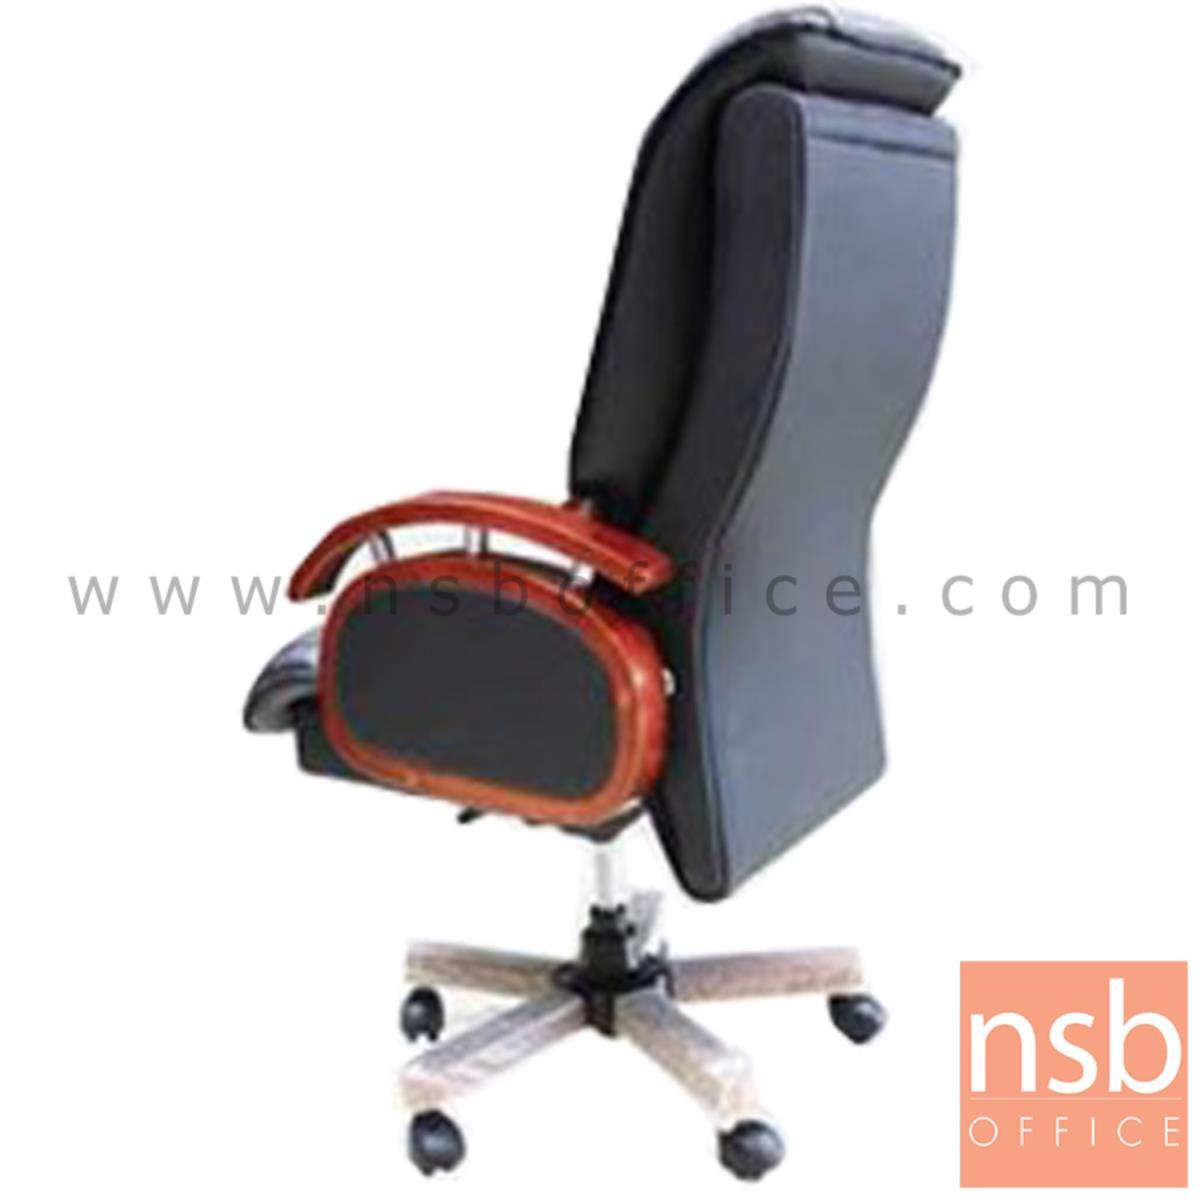 เก้าอี้ผู้บริหารหนัง PD รุ่น ERICACEAE (เอริคาซี)  โช๊คแก๊ส ขาเหล็ก